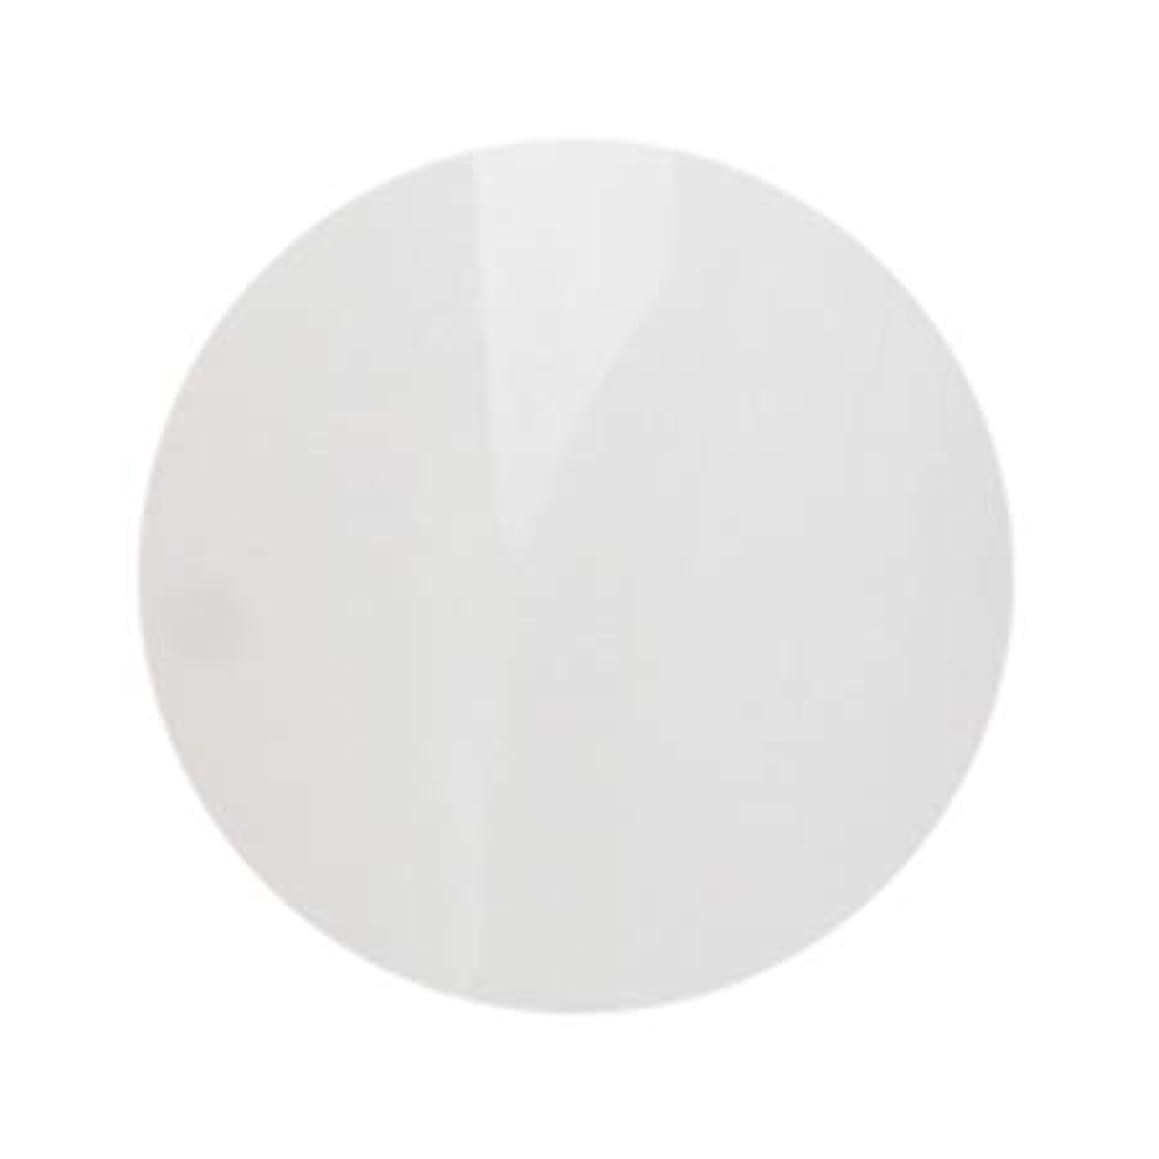 アカデミックイル惑星Putiel プティール カラージェル 268 ココナッツブラン 4g (西山麻耶プロデュース)